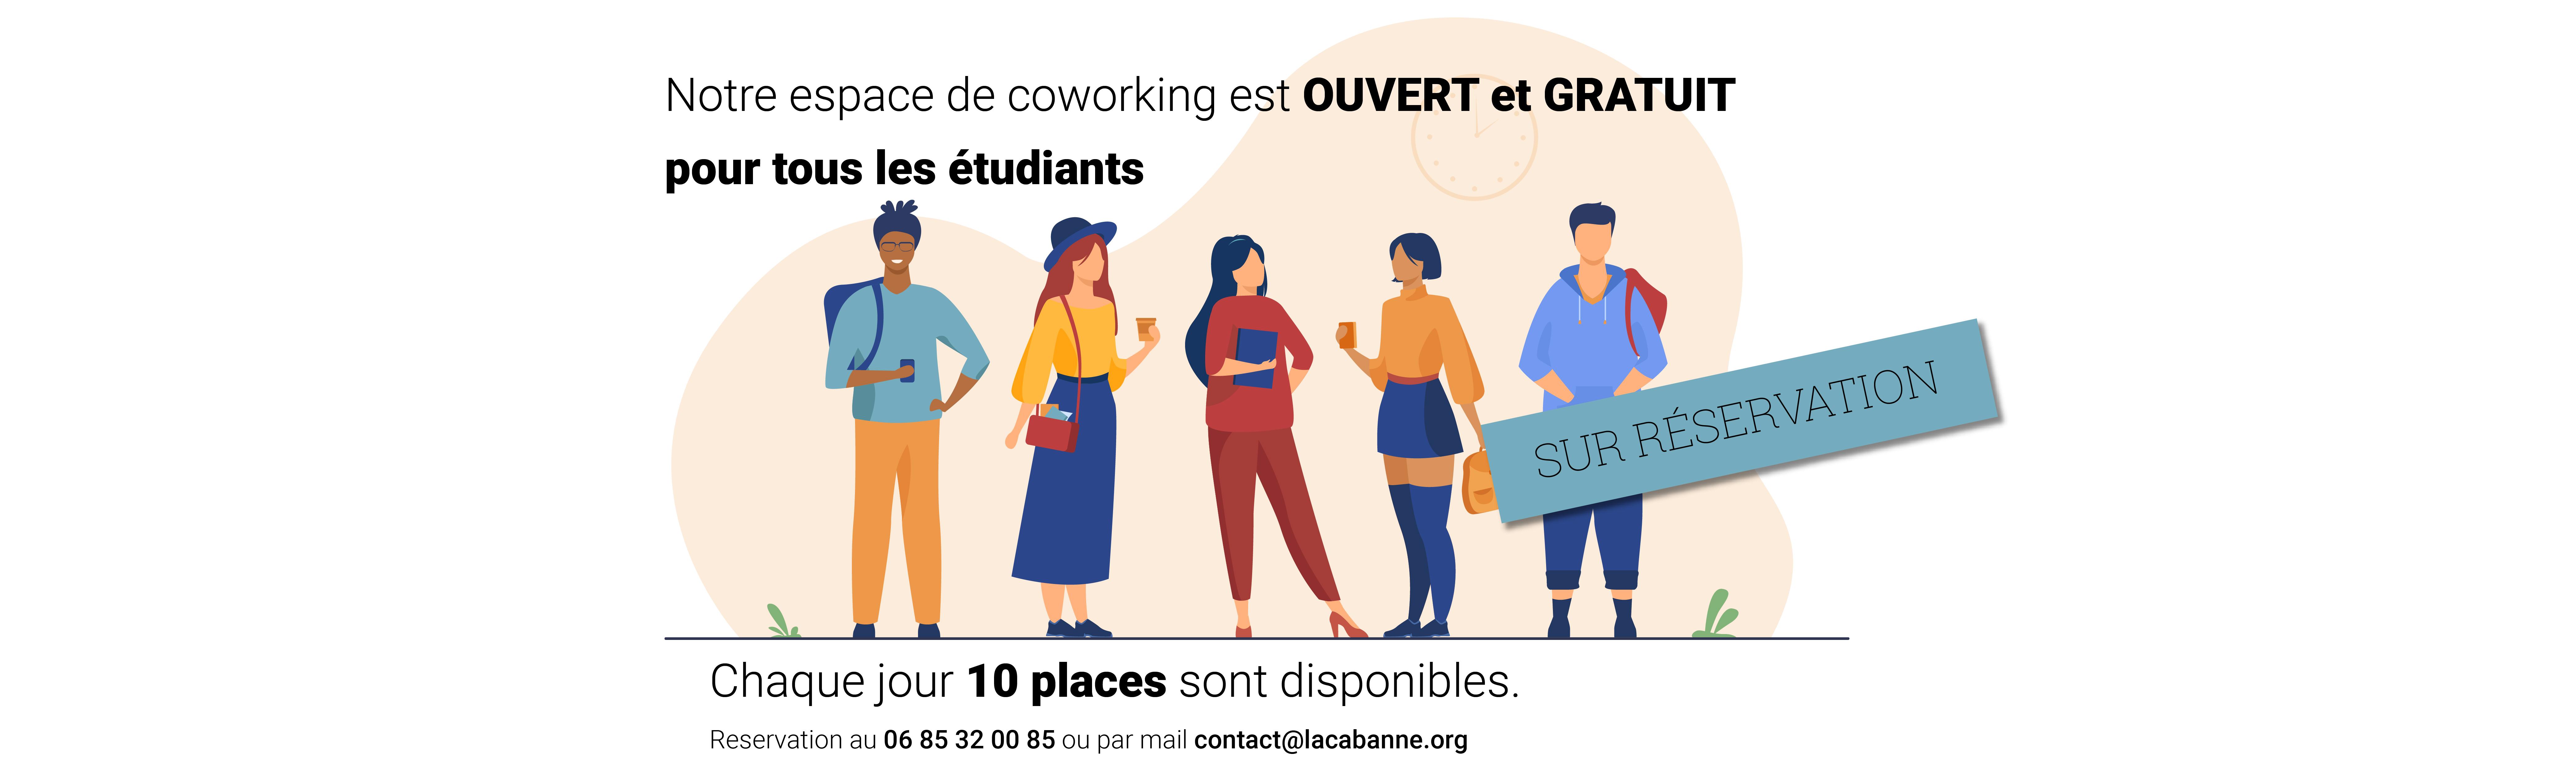 bannière_etudiants_Plan de travail 1